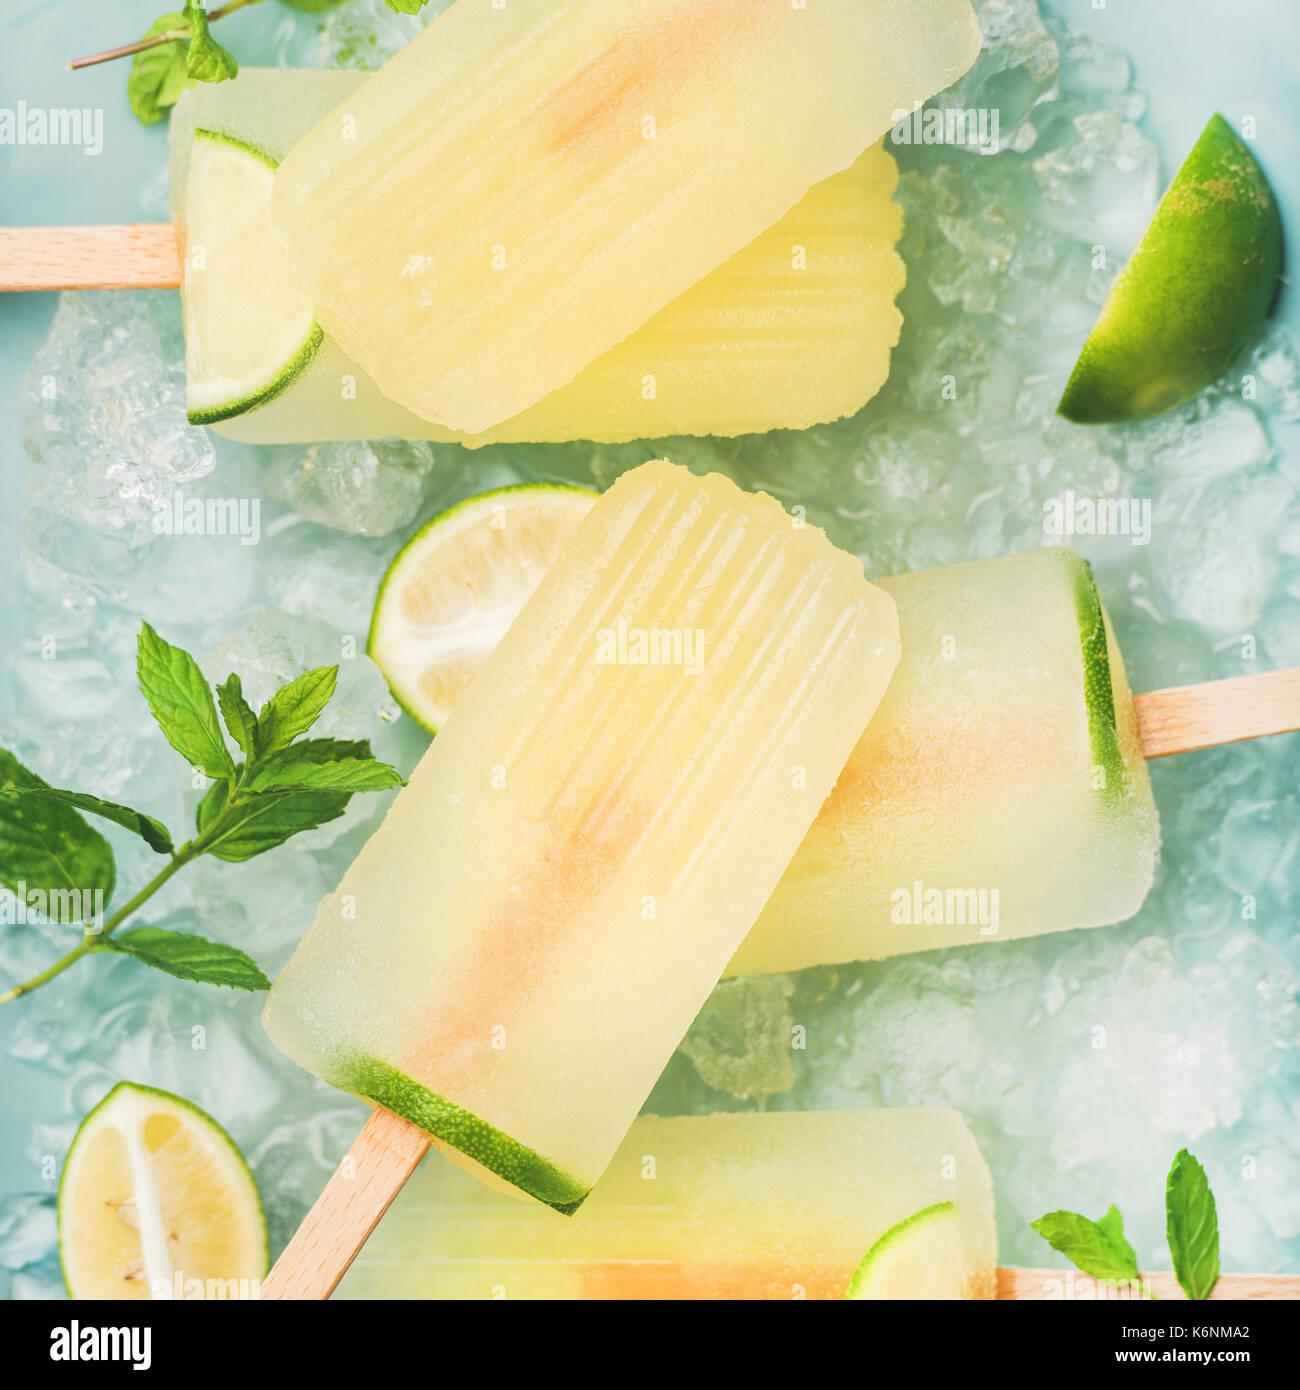 Limonade rafraîchissante de l'été les popsicles avec de la chaux et menthe et glace ébréchée sur fond bleu, vue d'en haut, carré petit Photo Stock